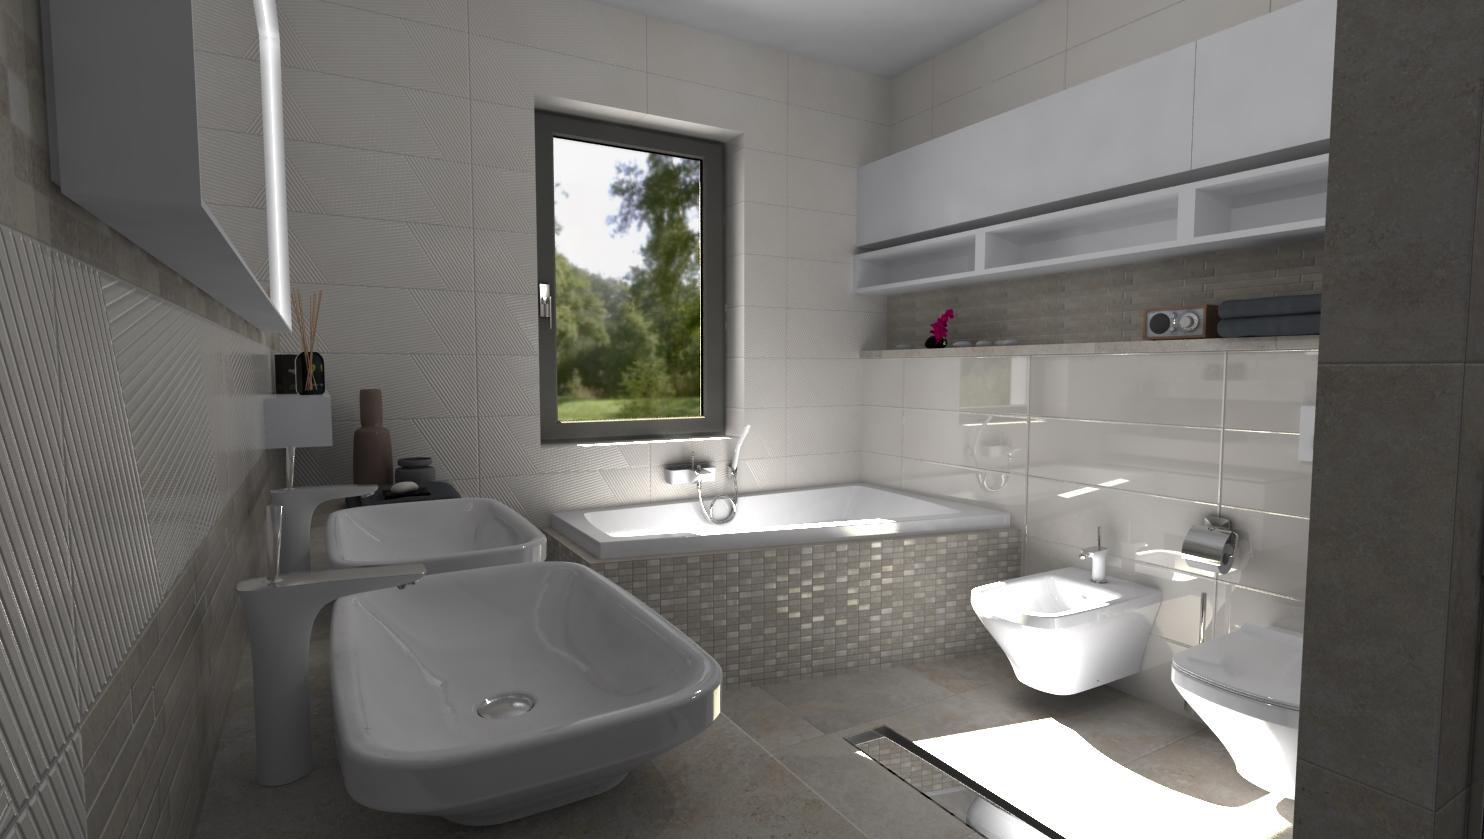 Návrhy a vizualizácie kúpeľní - Vizualizácia kúpeľne BENEVA - www.beneva.sk